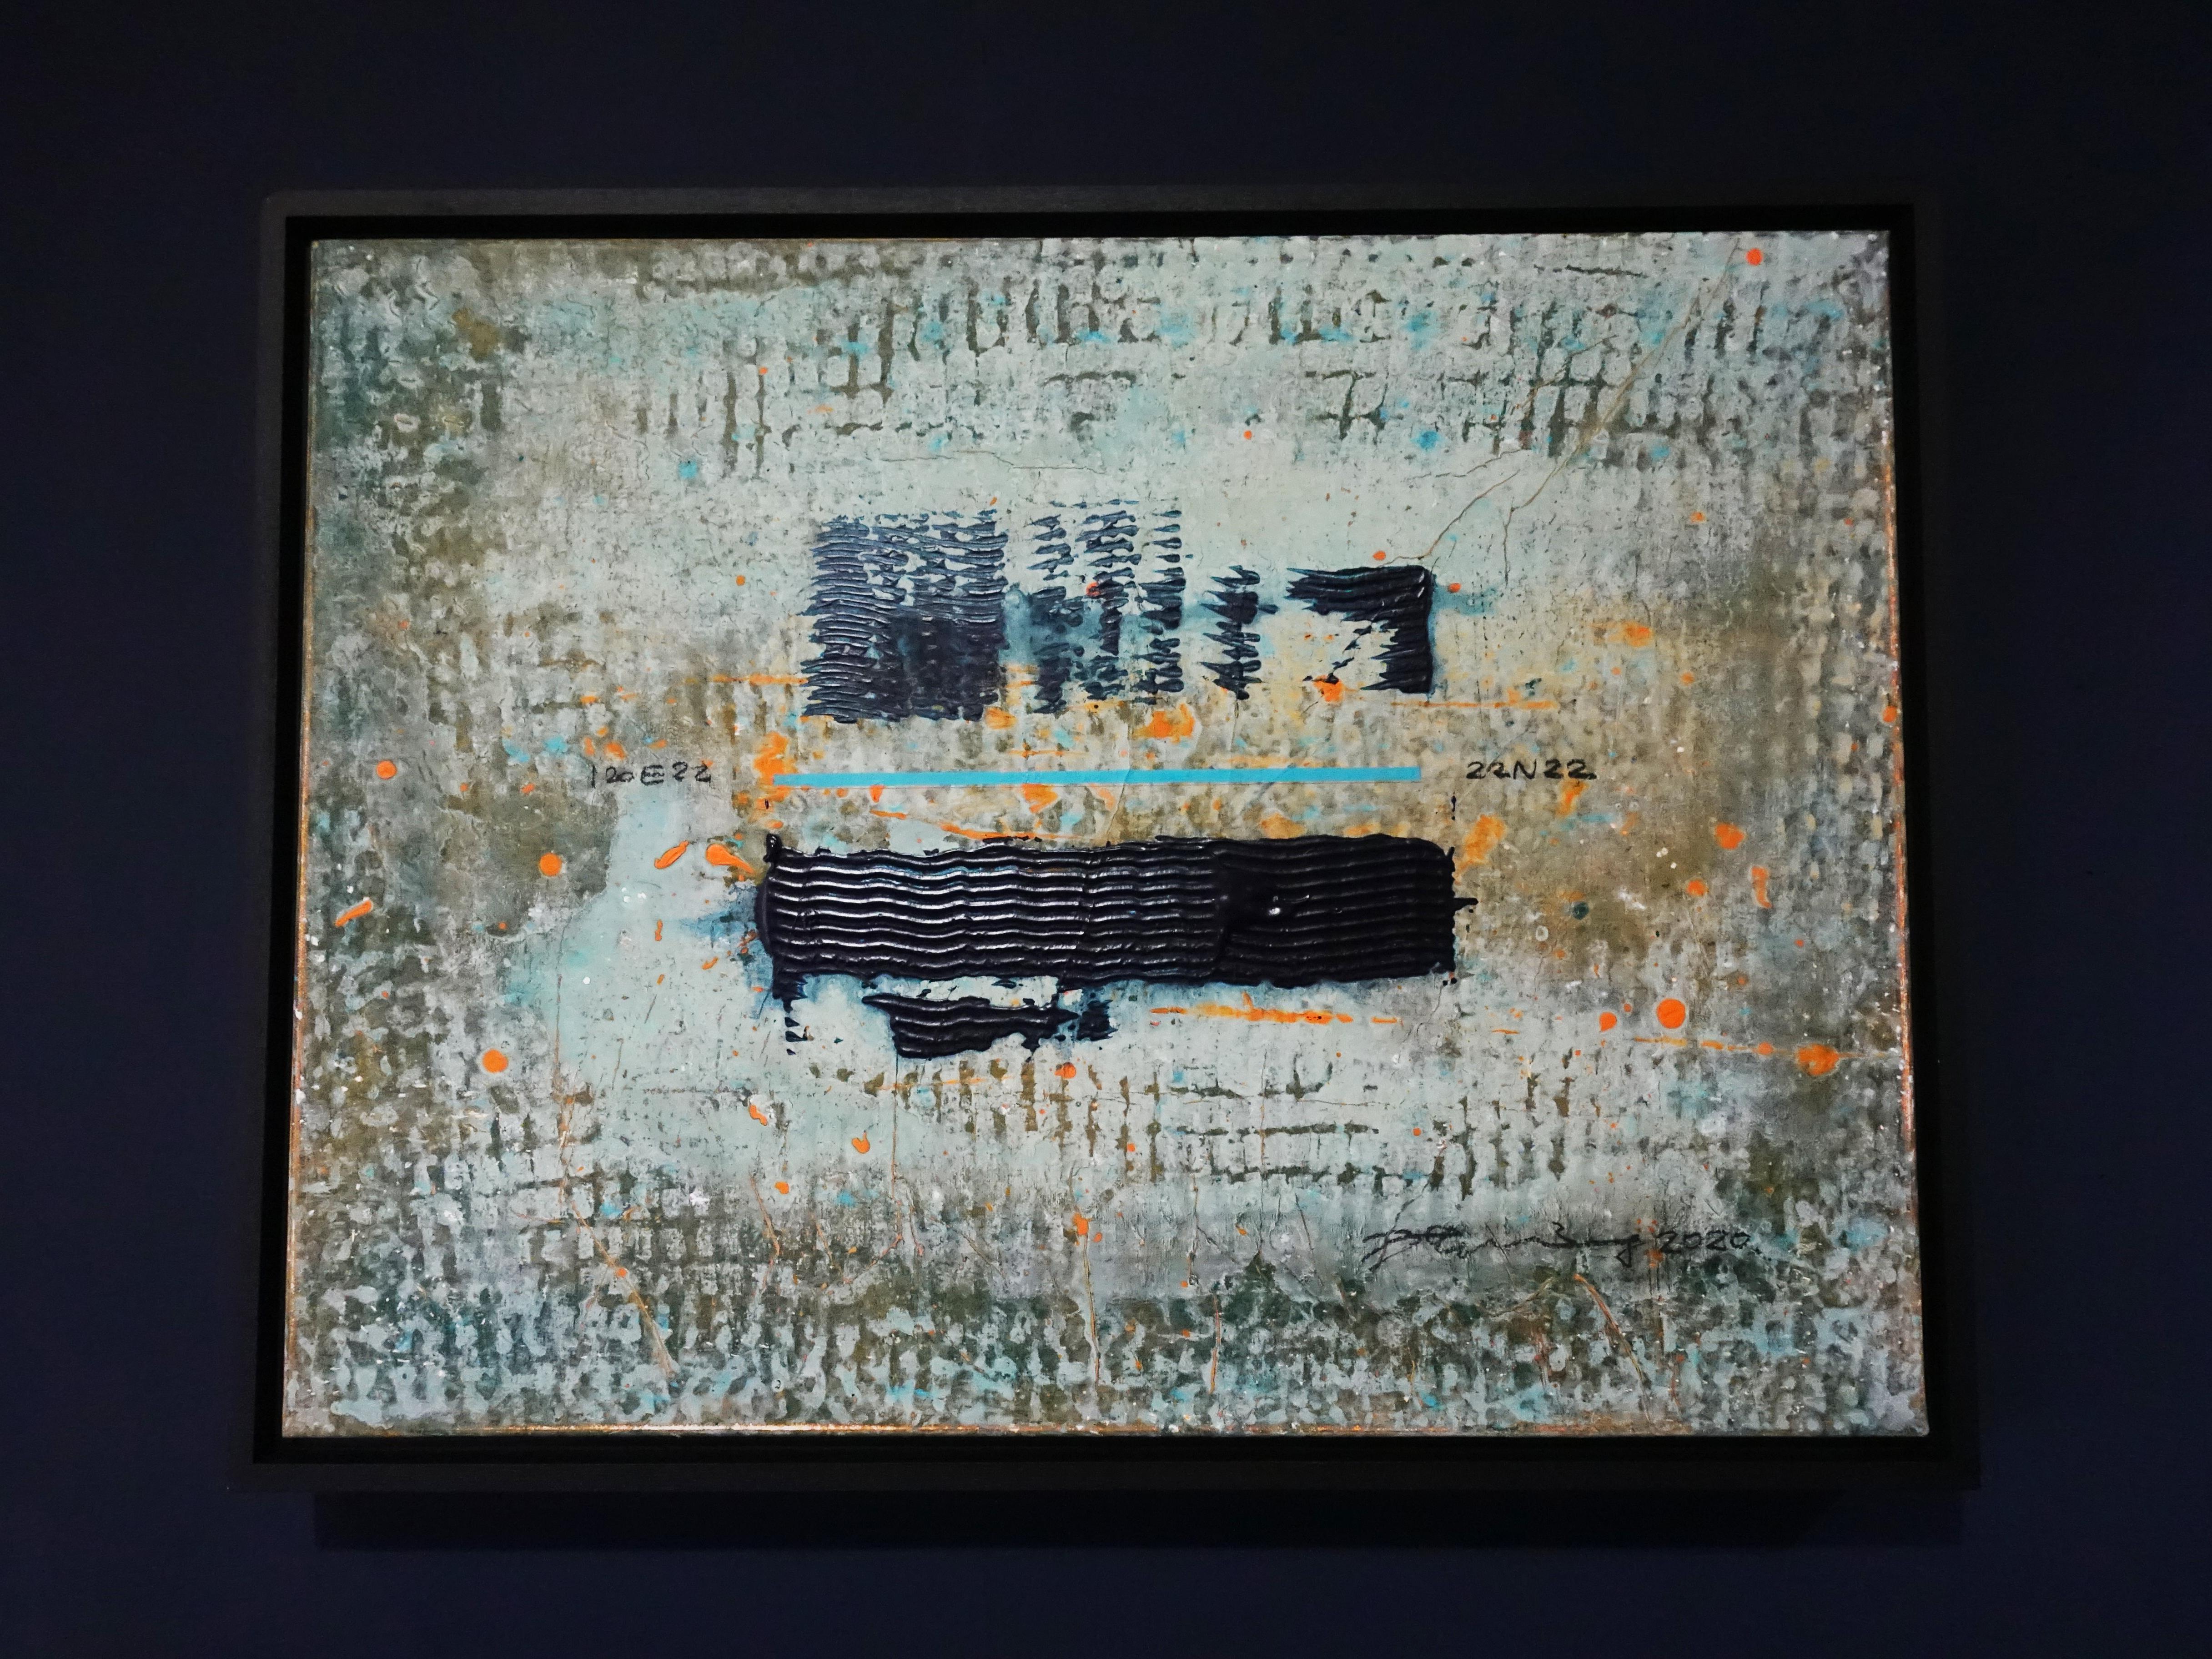 洪明爵,《22N22》,60.5 x45.5,複合媒材,2020。